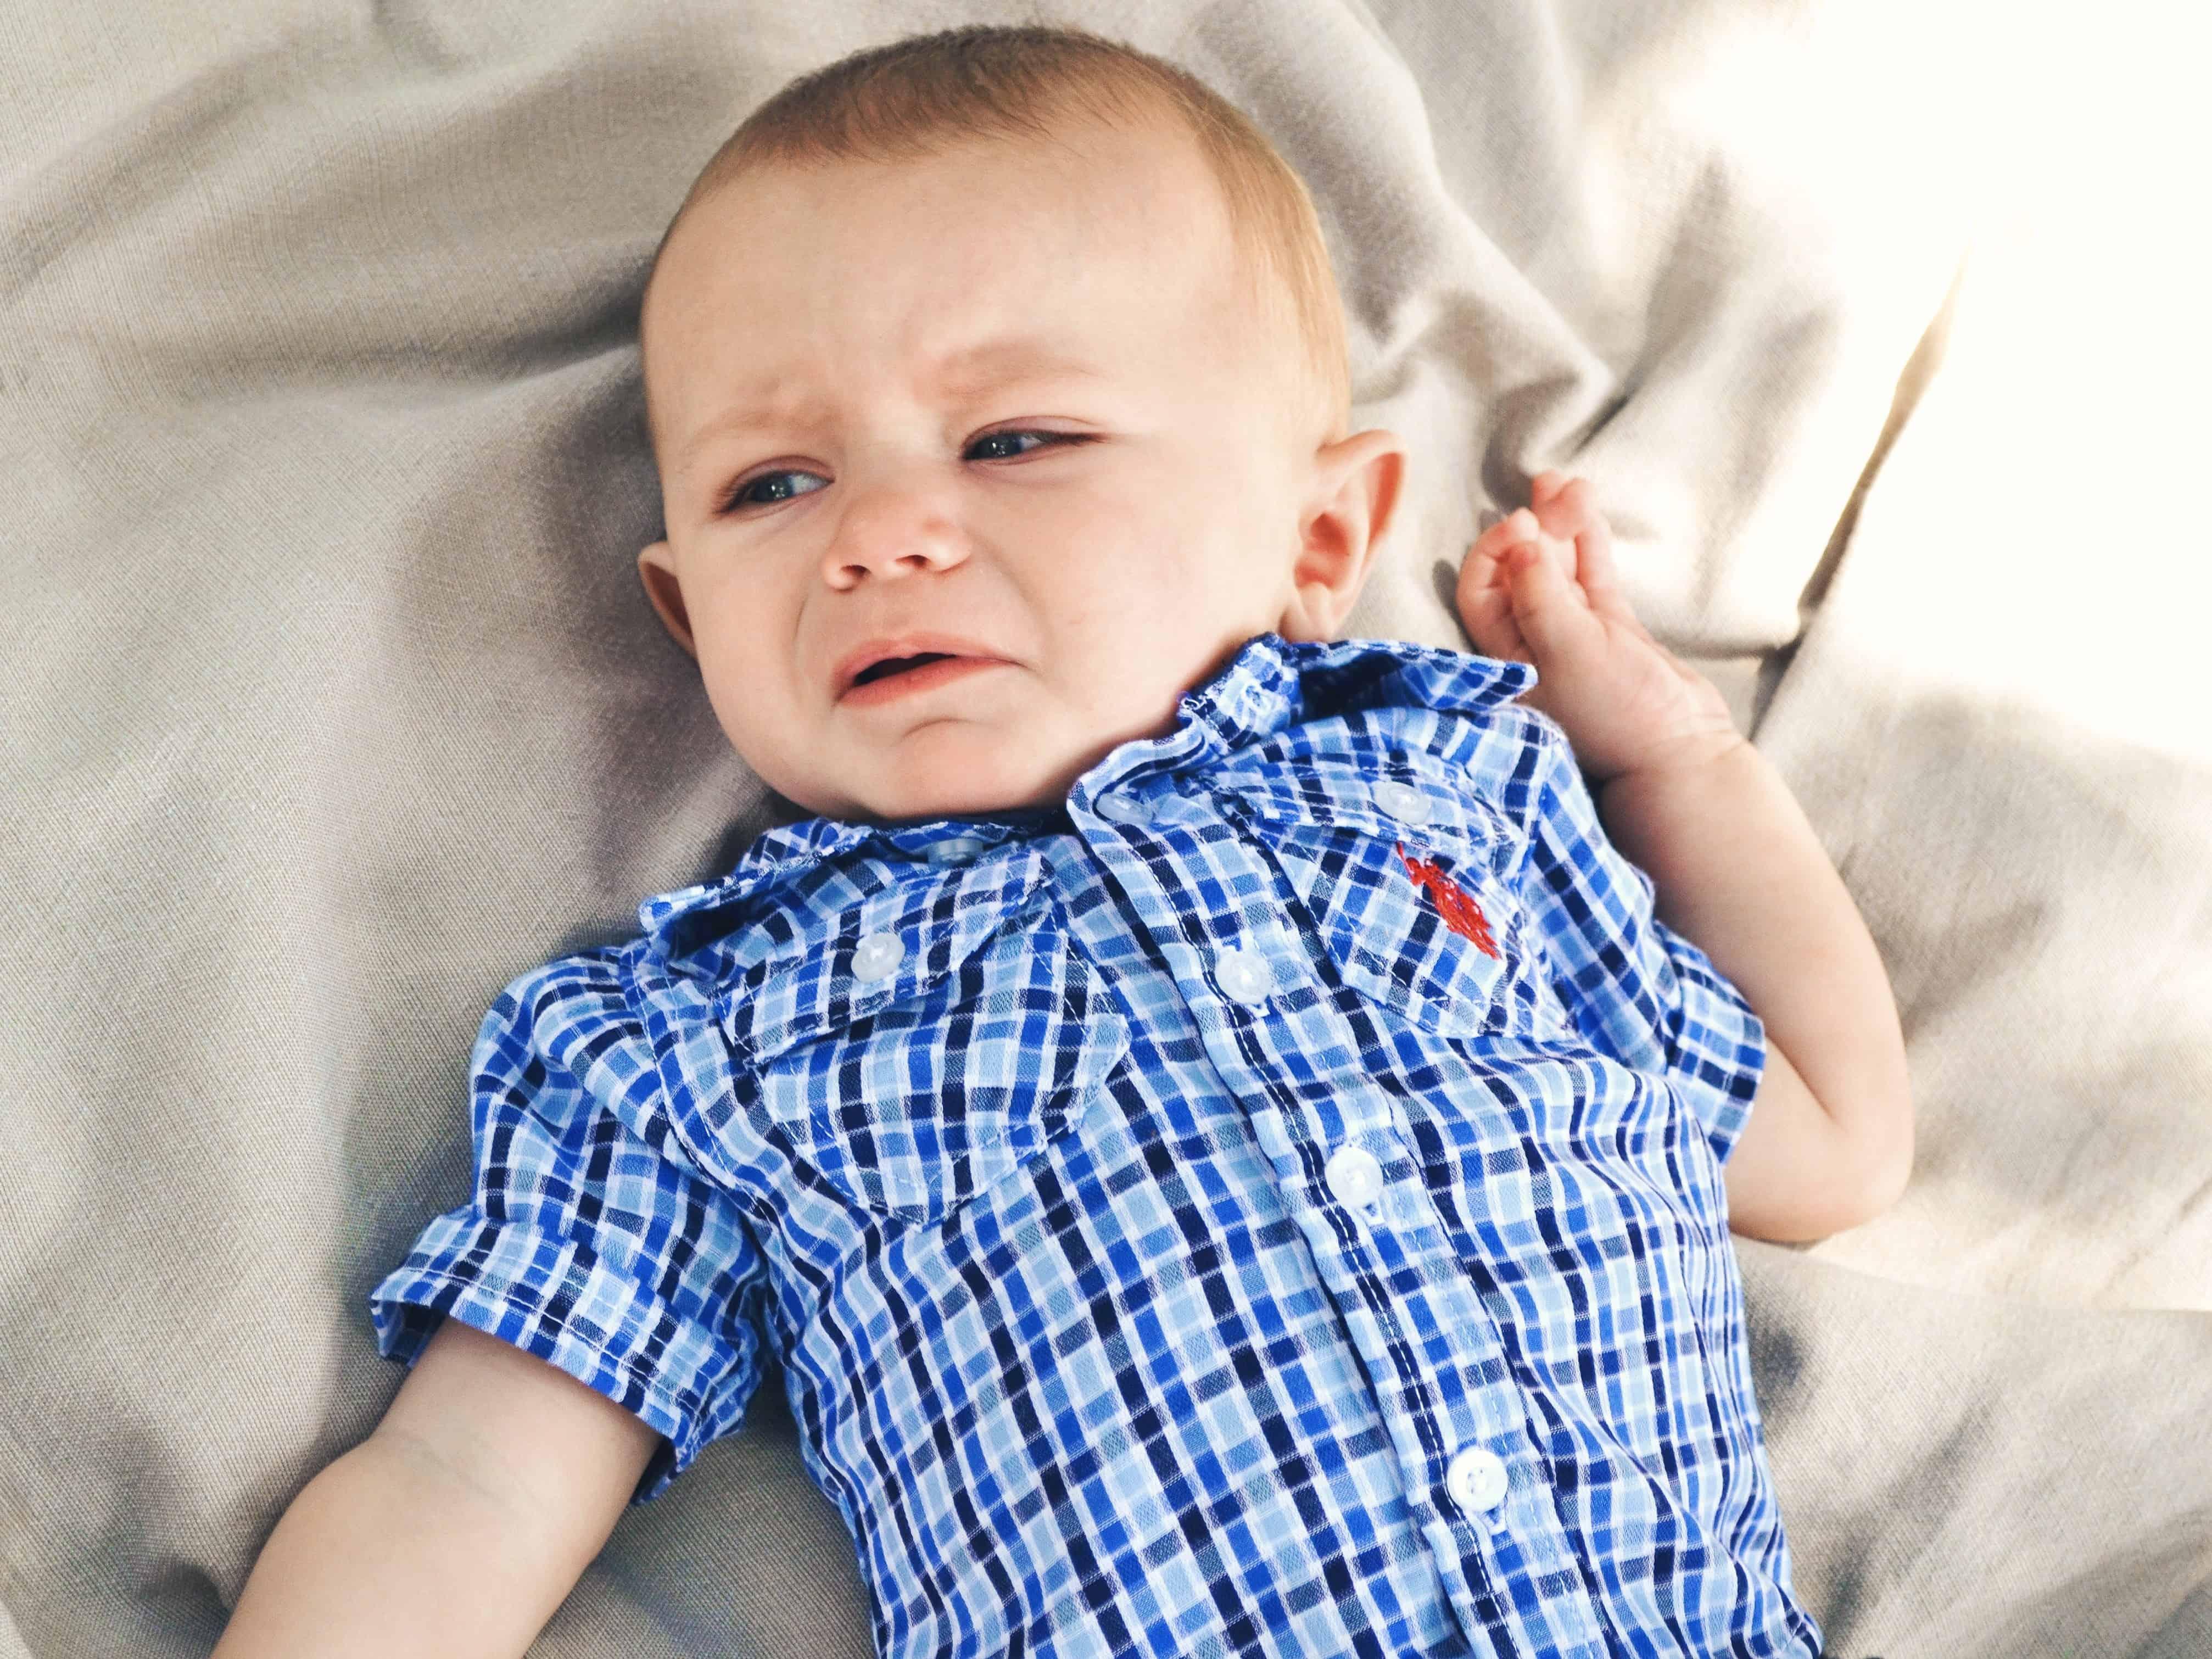 Durchfall bei Babys: Alle wichtigen Fragen und Antworten